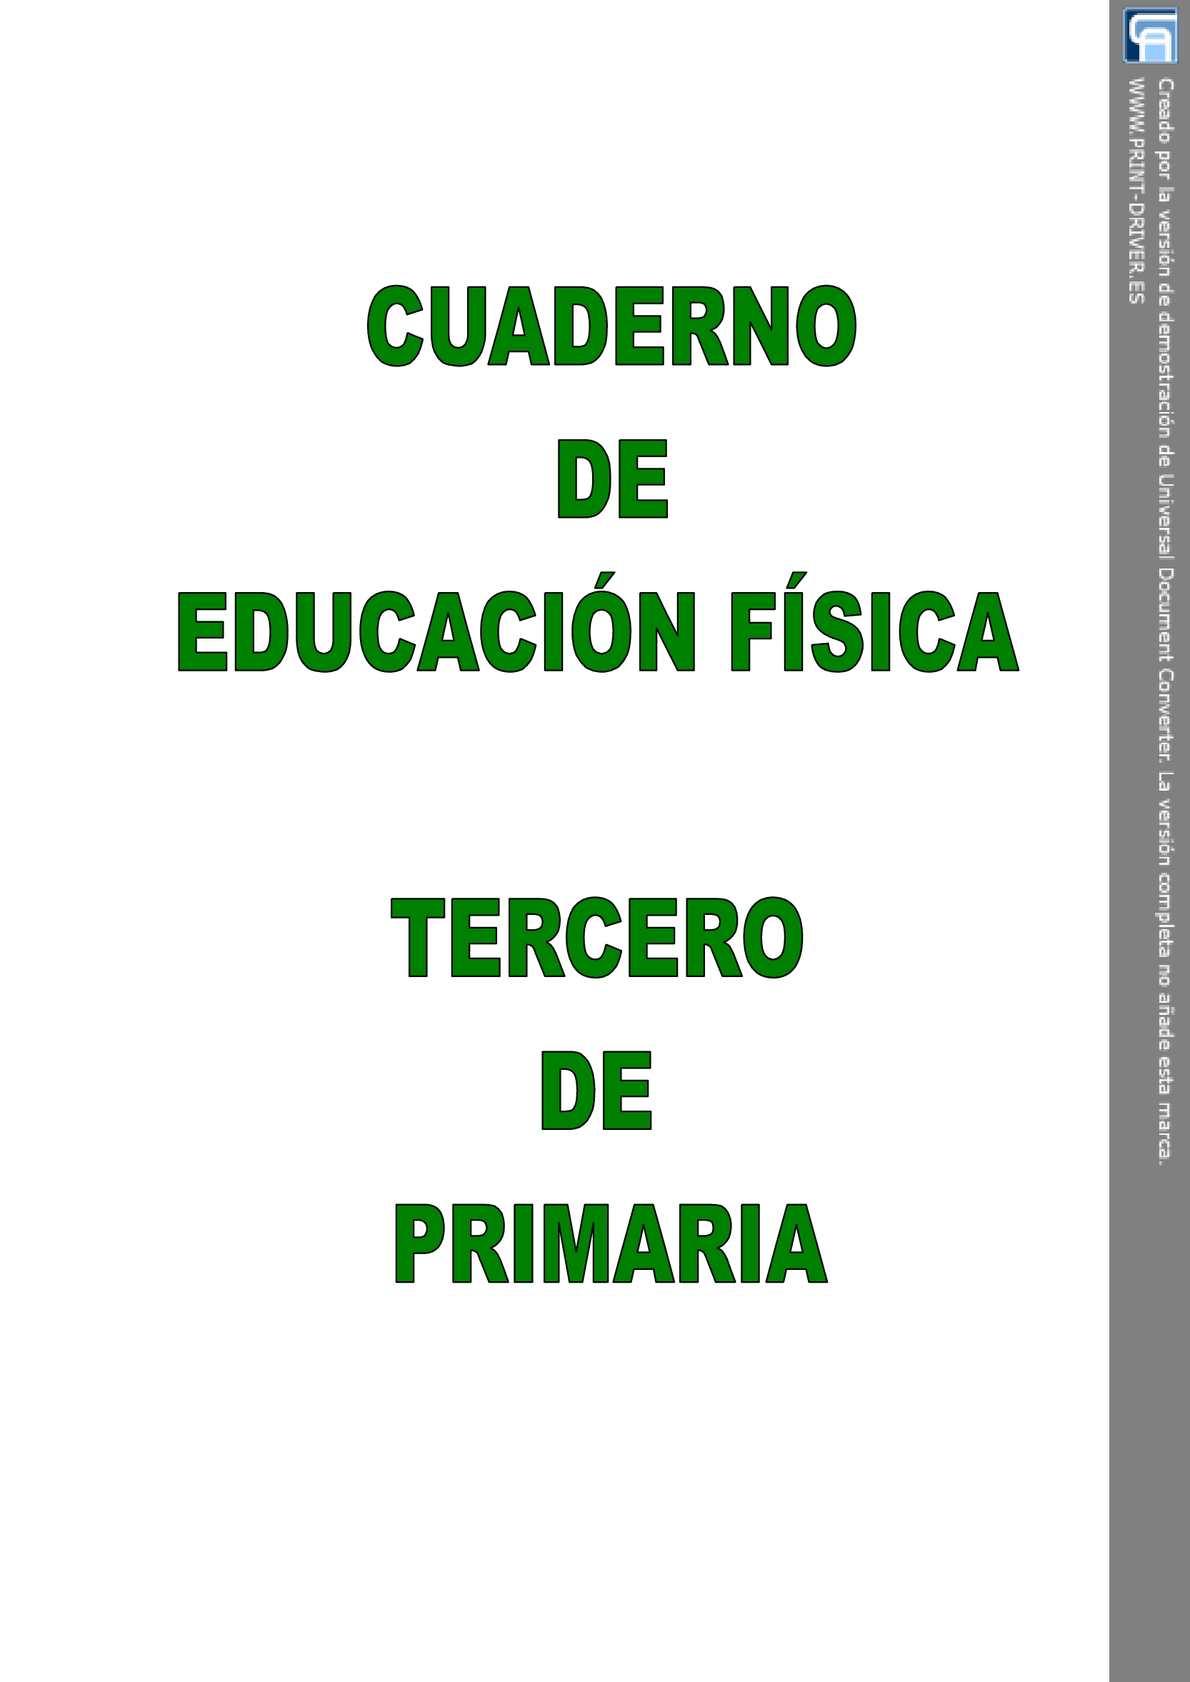 CUADERNO DE EDUCACIÓN FÍSICA DE TERCERO